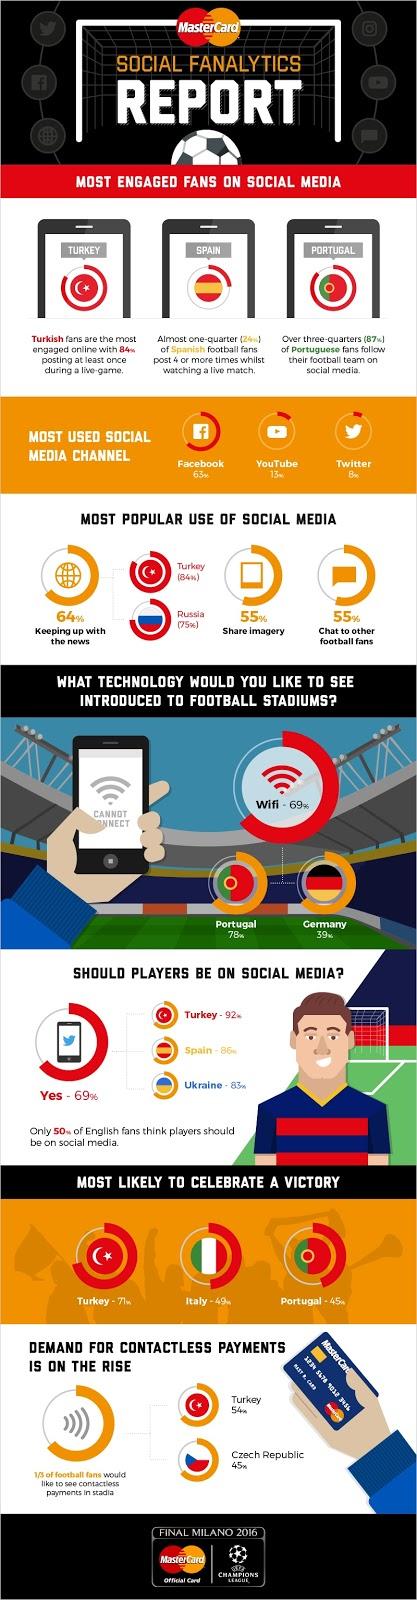 MasterCard Social Fanalytics Report - Los españoles, los seguidores de fútbol más activos en redes sociales en Europa